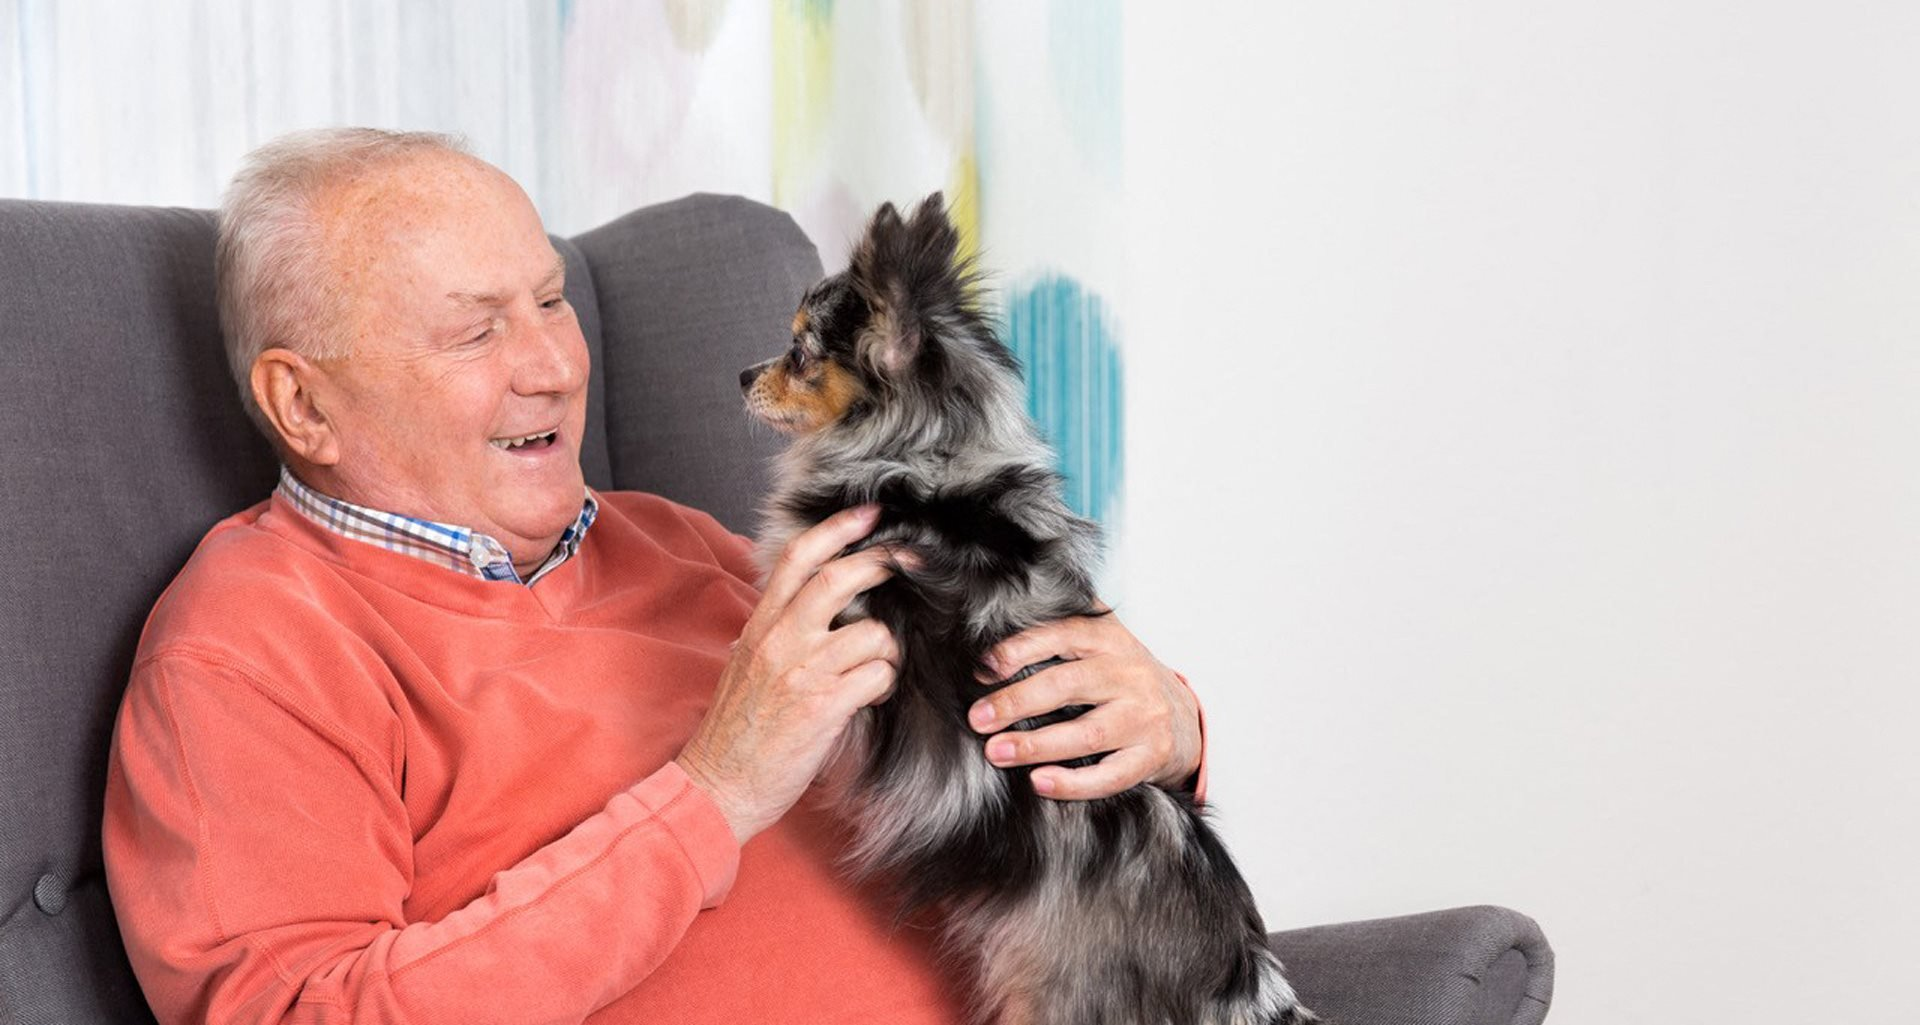 Animal-assisted therapy at Pacifica Senior Living Santa Barbara, Santa Barbara